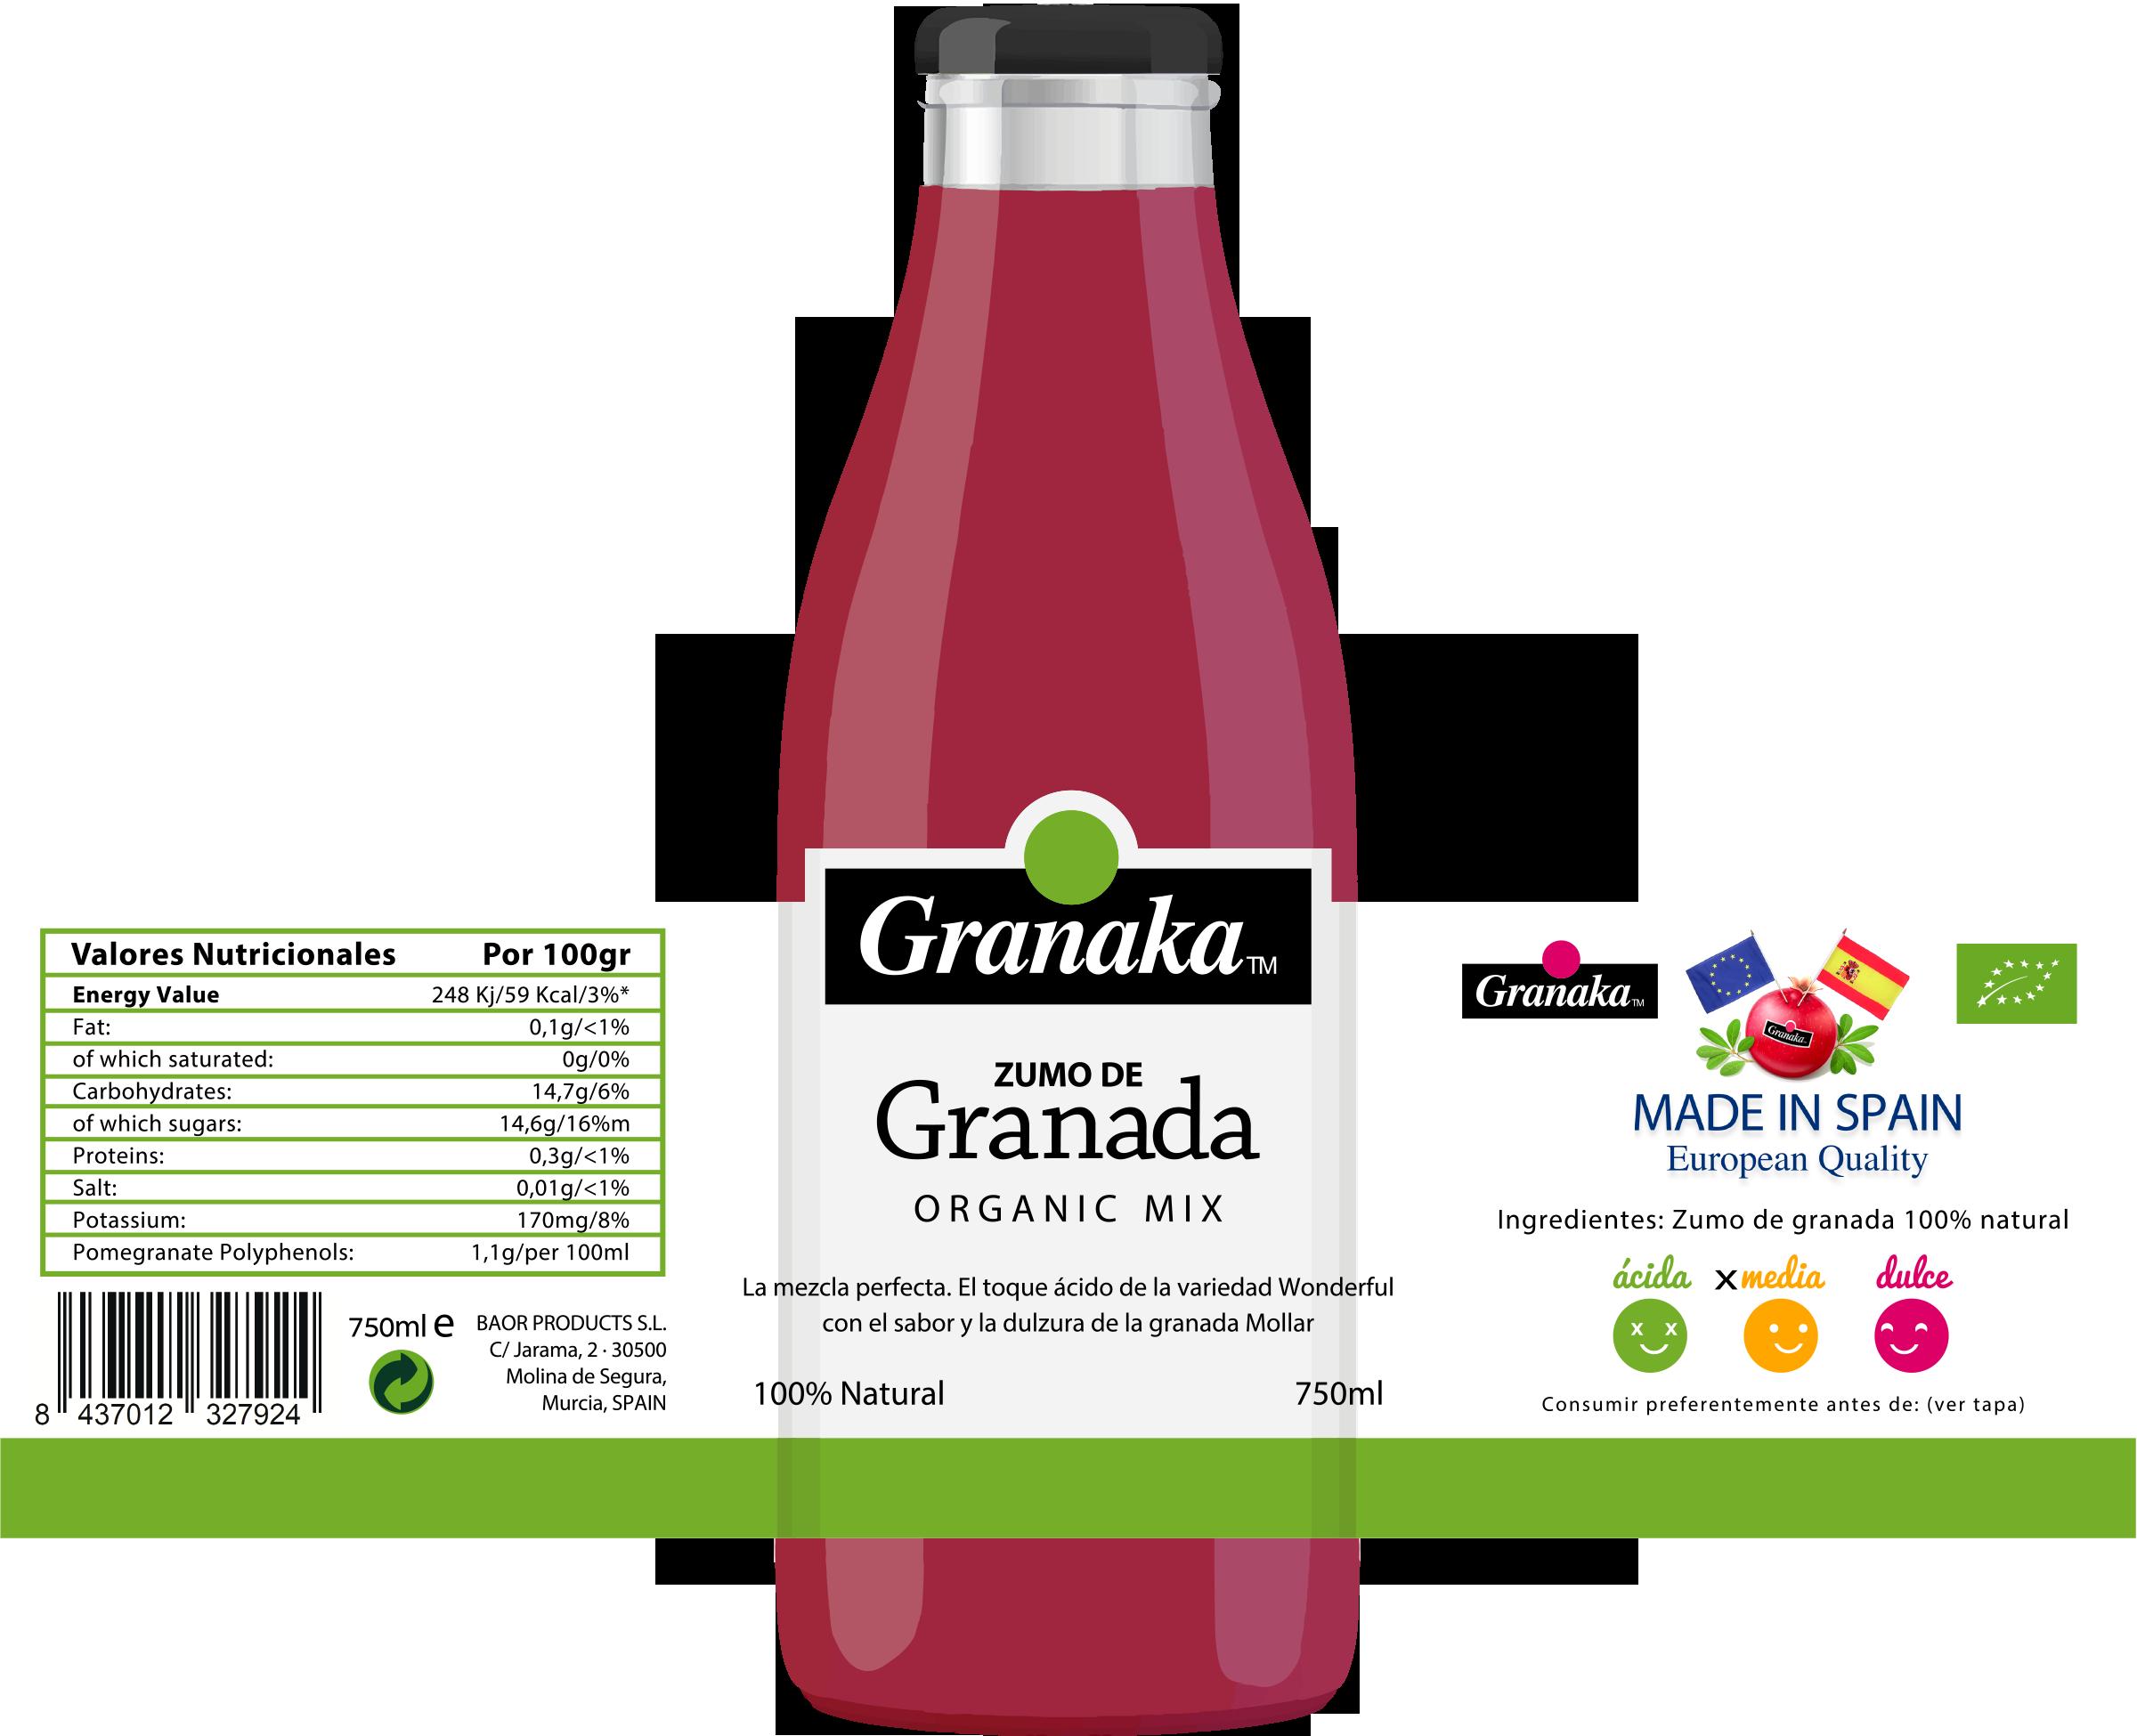 granaka verde - zumo de granada organico